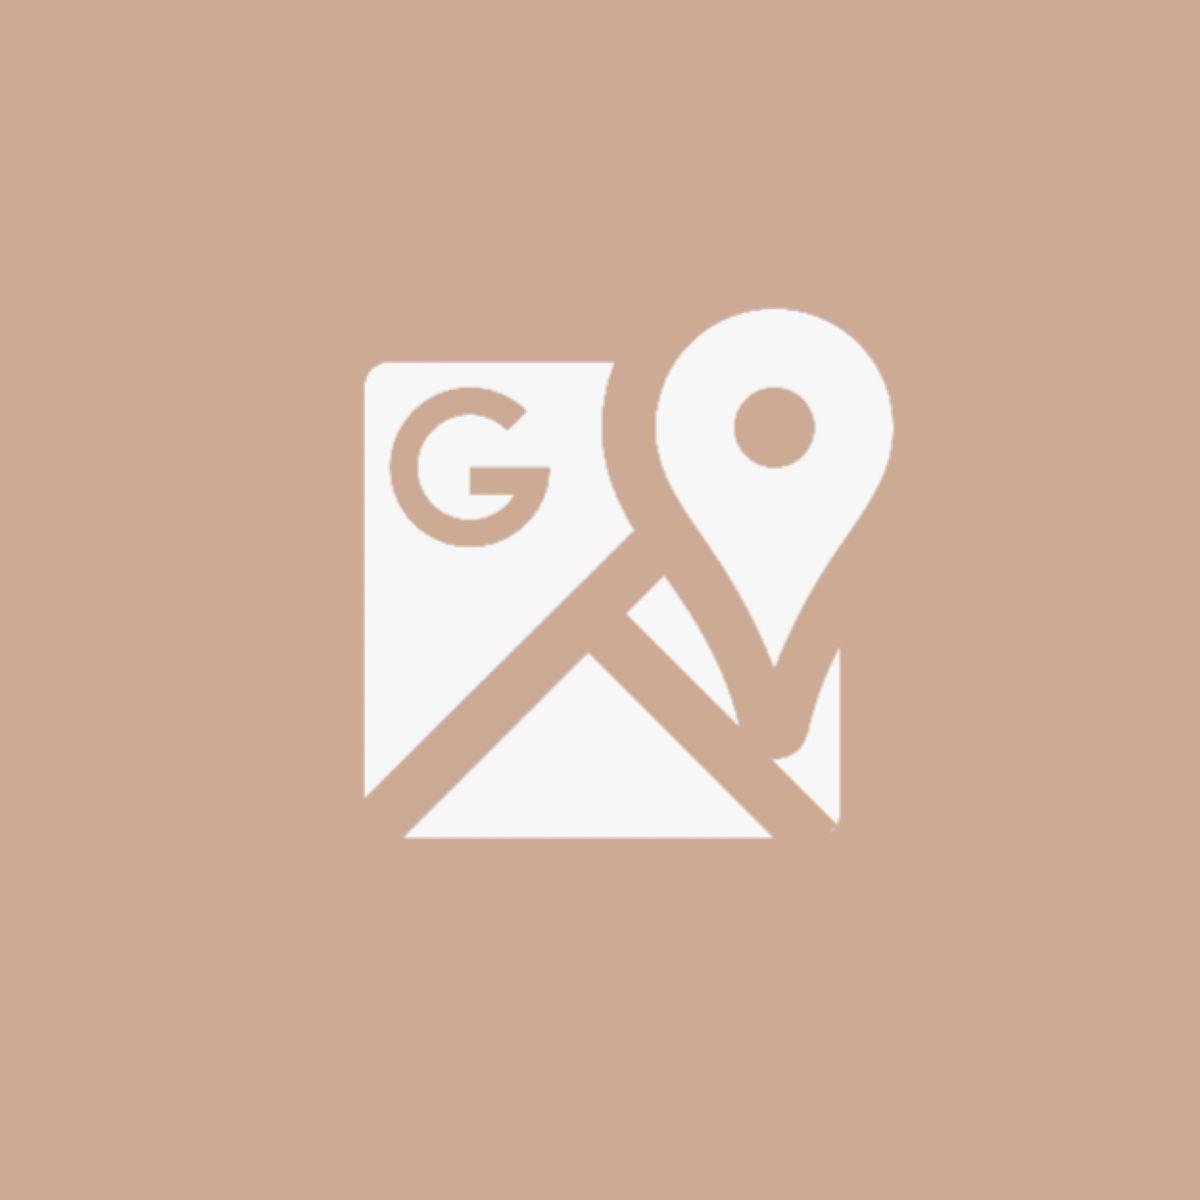 Google Maps Icon Beige Iphone Photo App Google Maps Icon App Icon